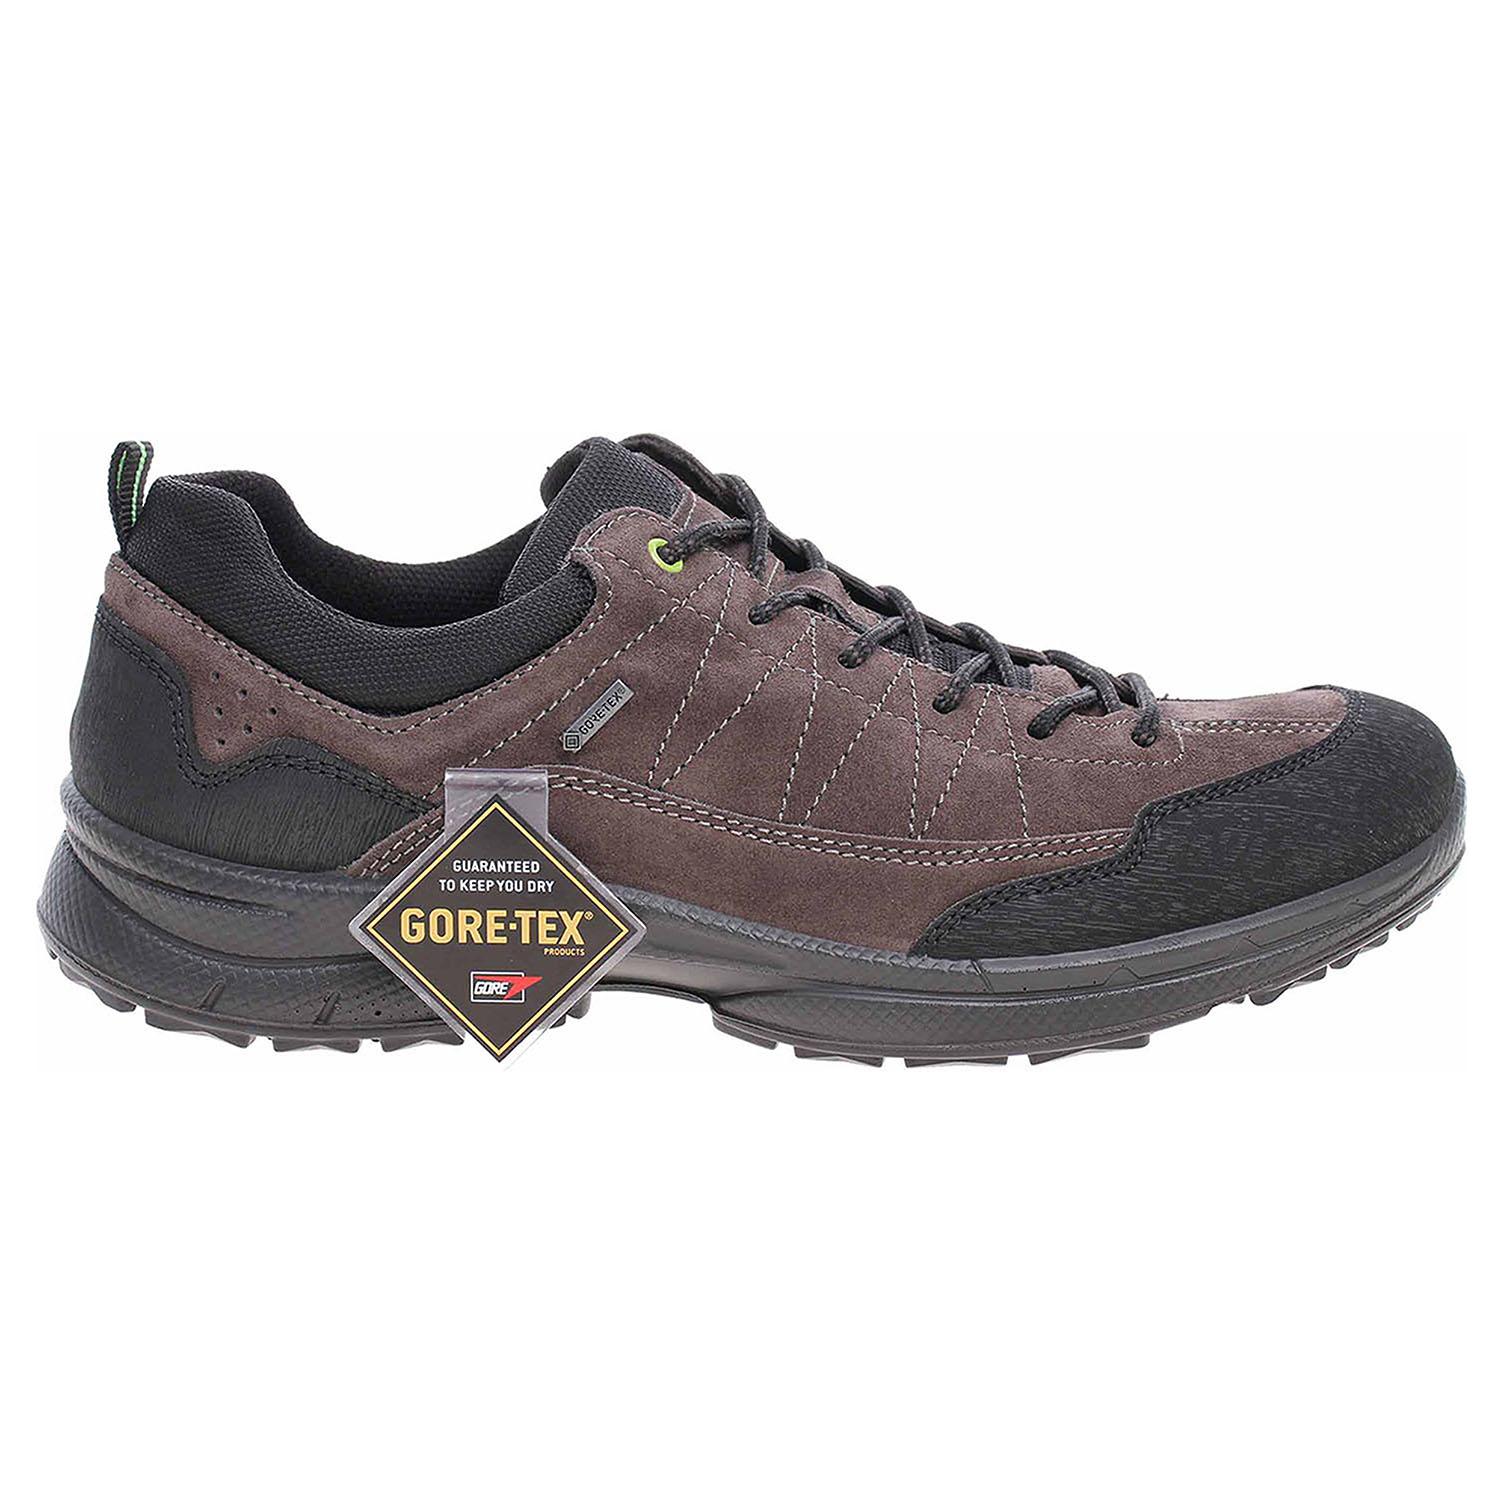 Ara pánská obuv 24206-05 šedá 11-24206-05 45